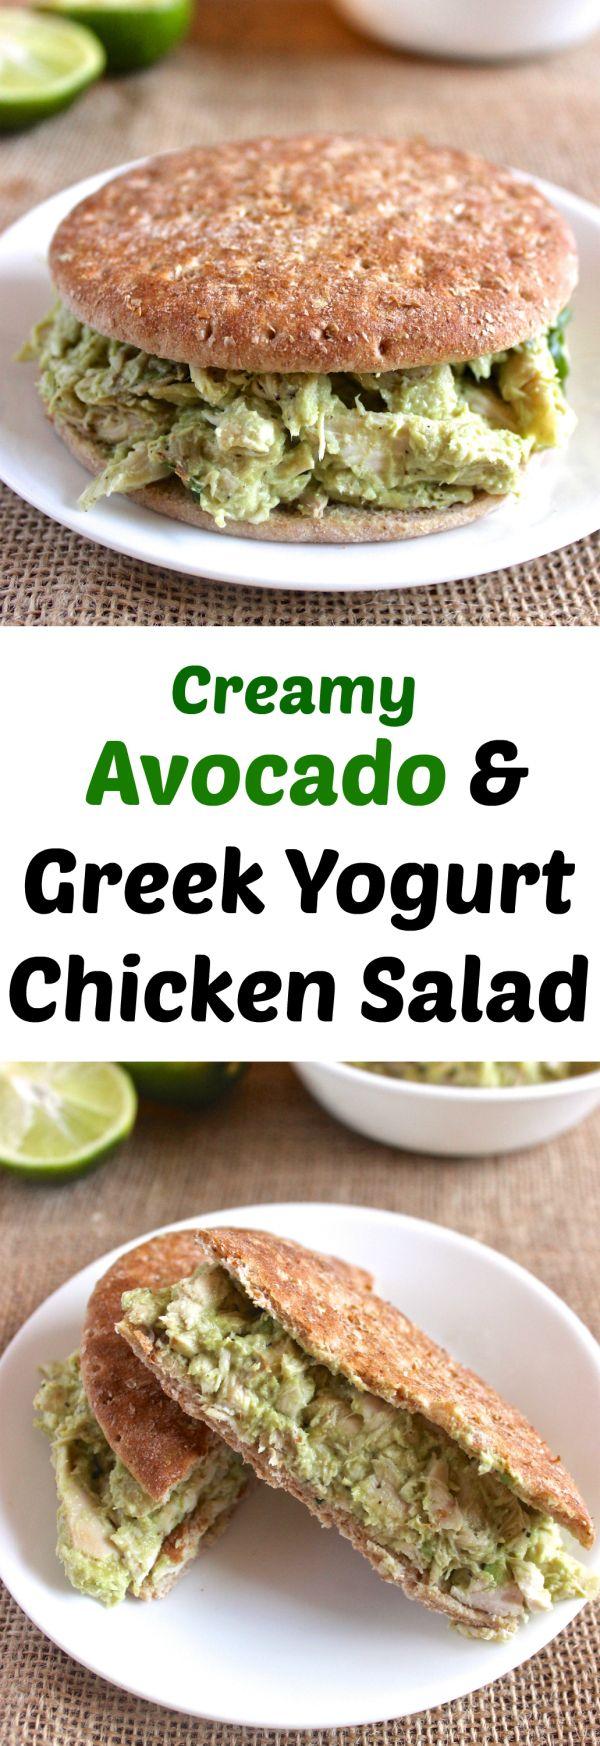 Healthy lunch idea with NO mayo! // healthy-liv.com